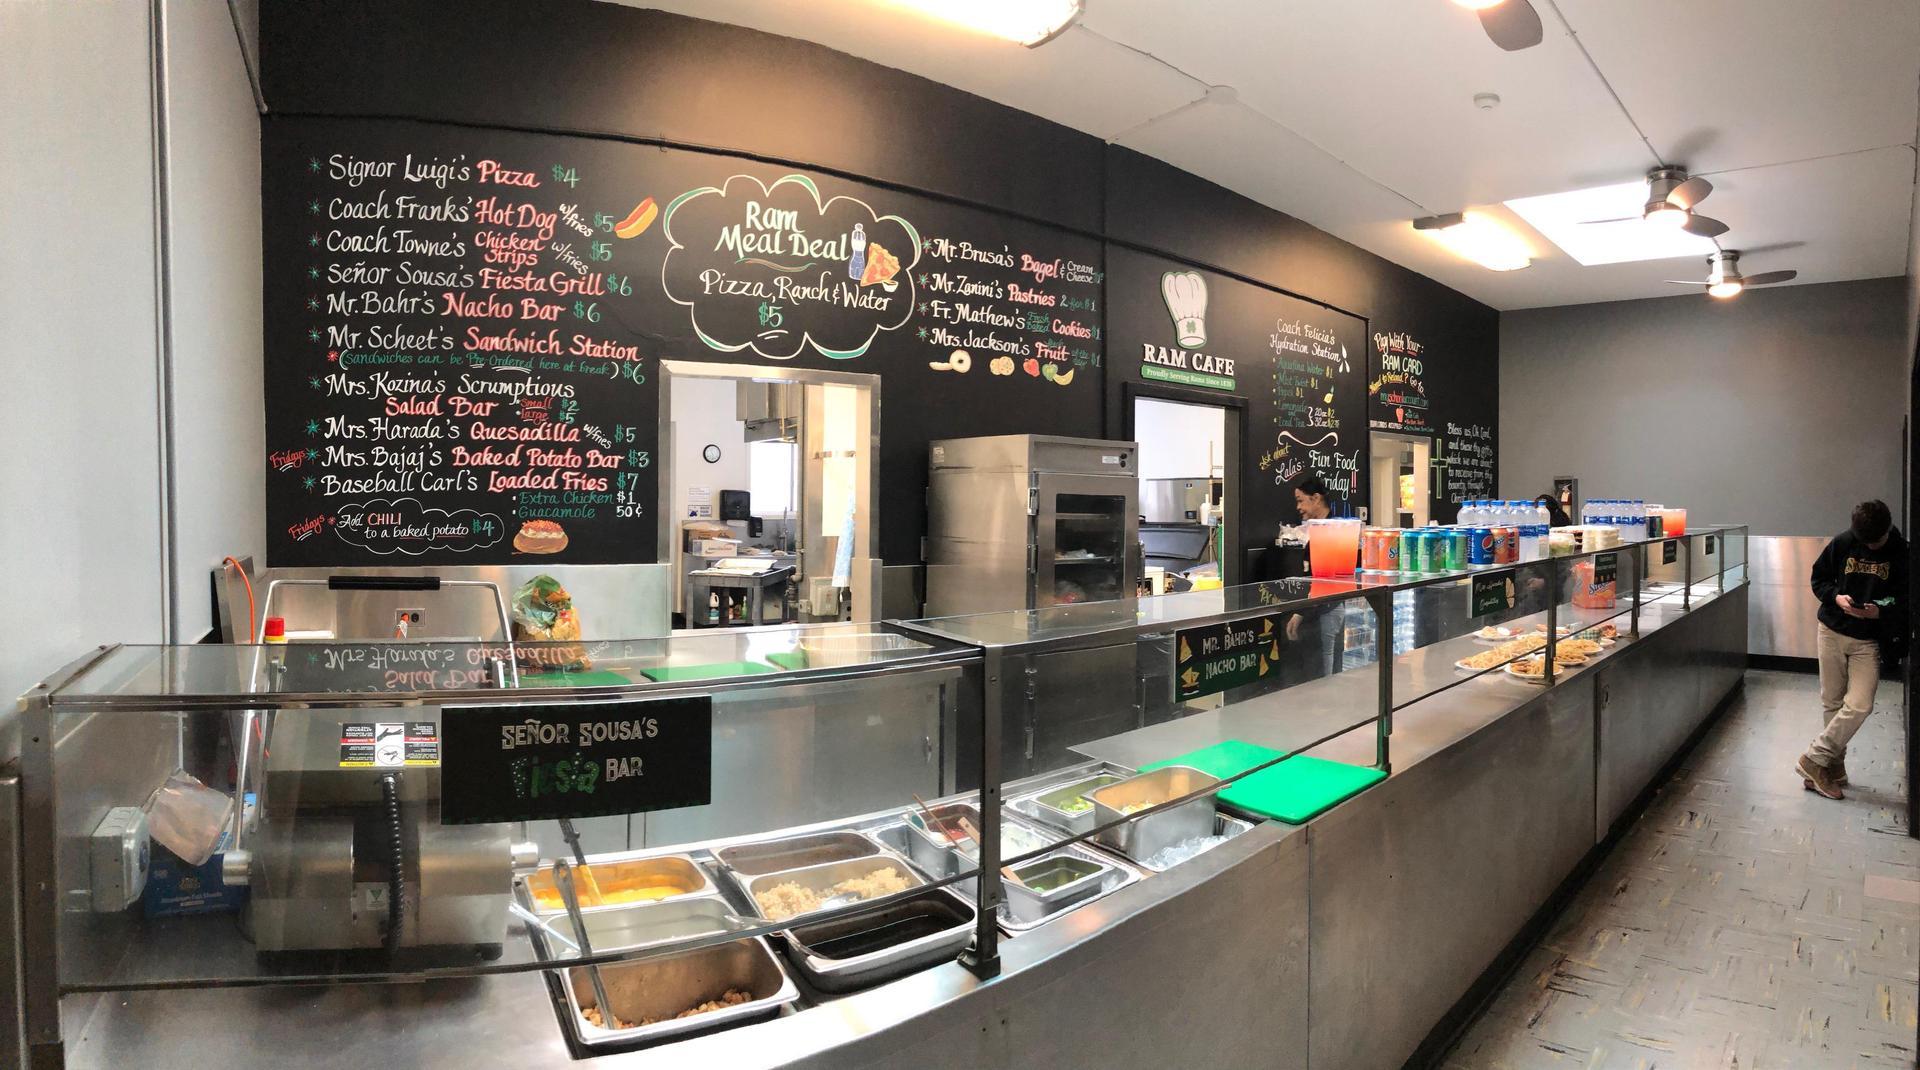 Ram cafeteria